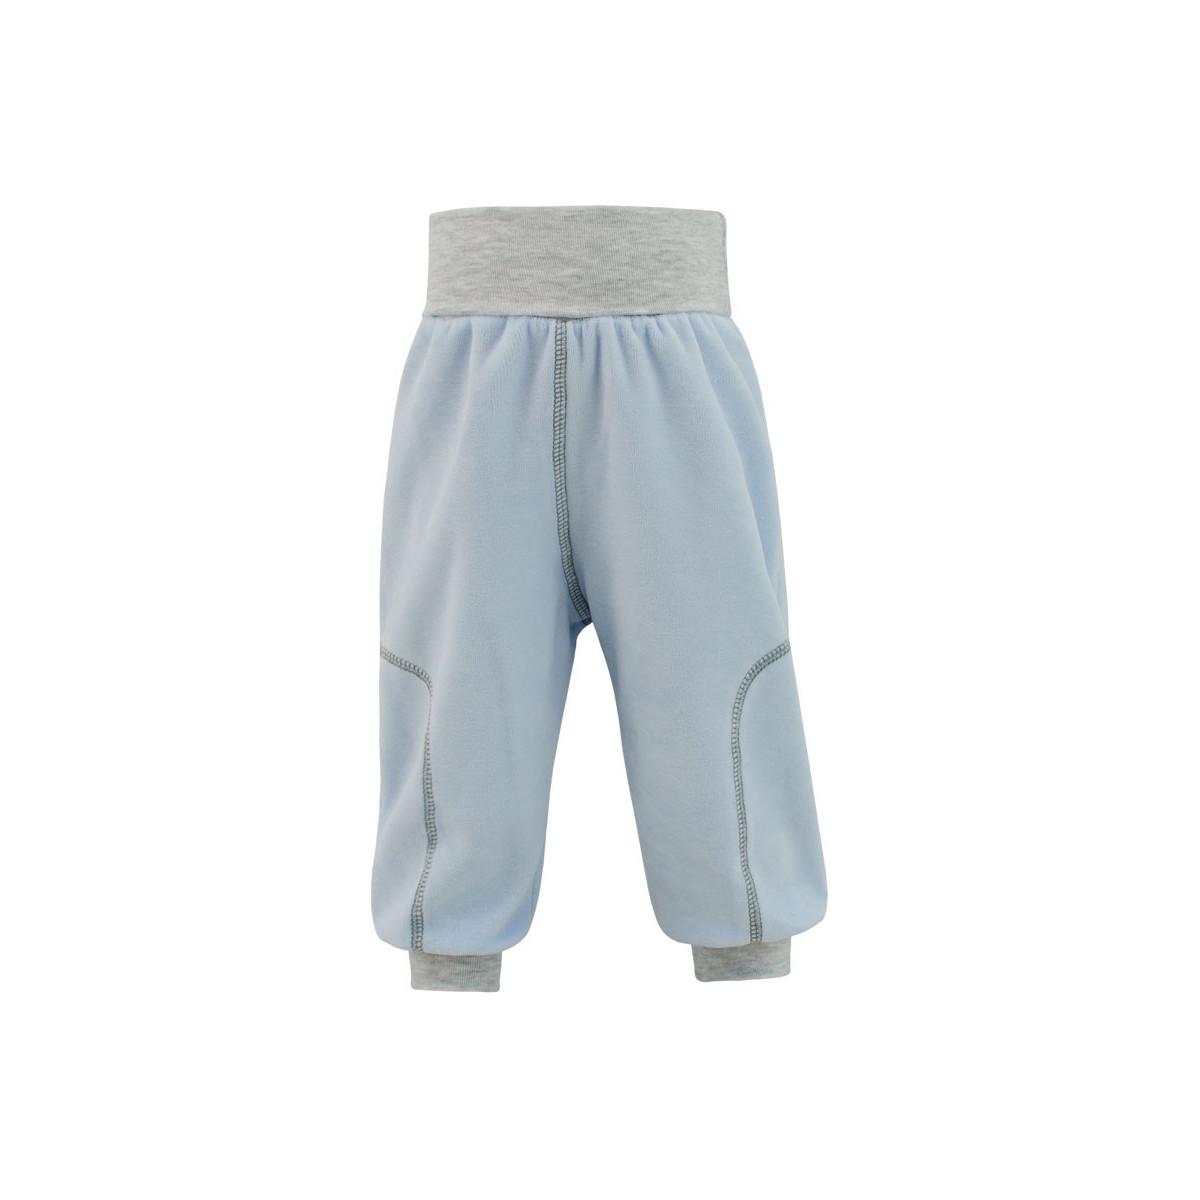 320f1871537 Dětské jarní kalhoty Adam vel. 56 - 68 - ESITO